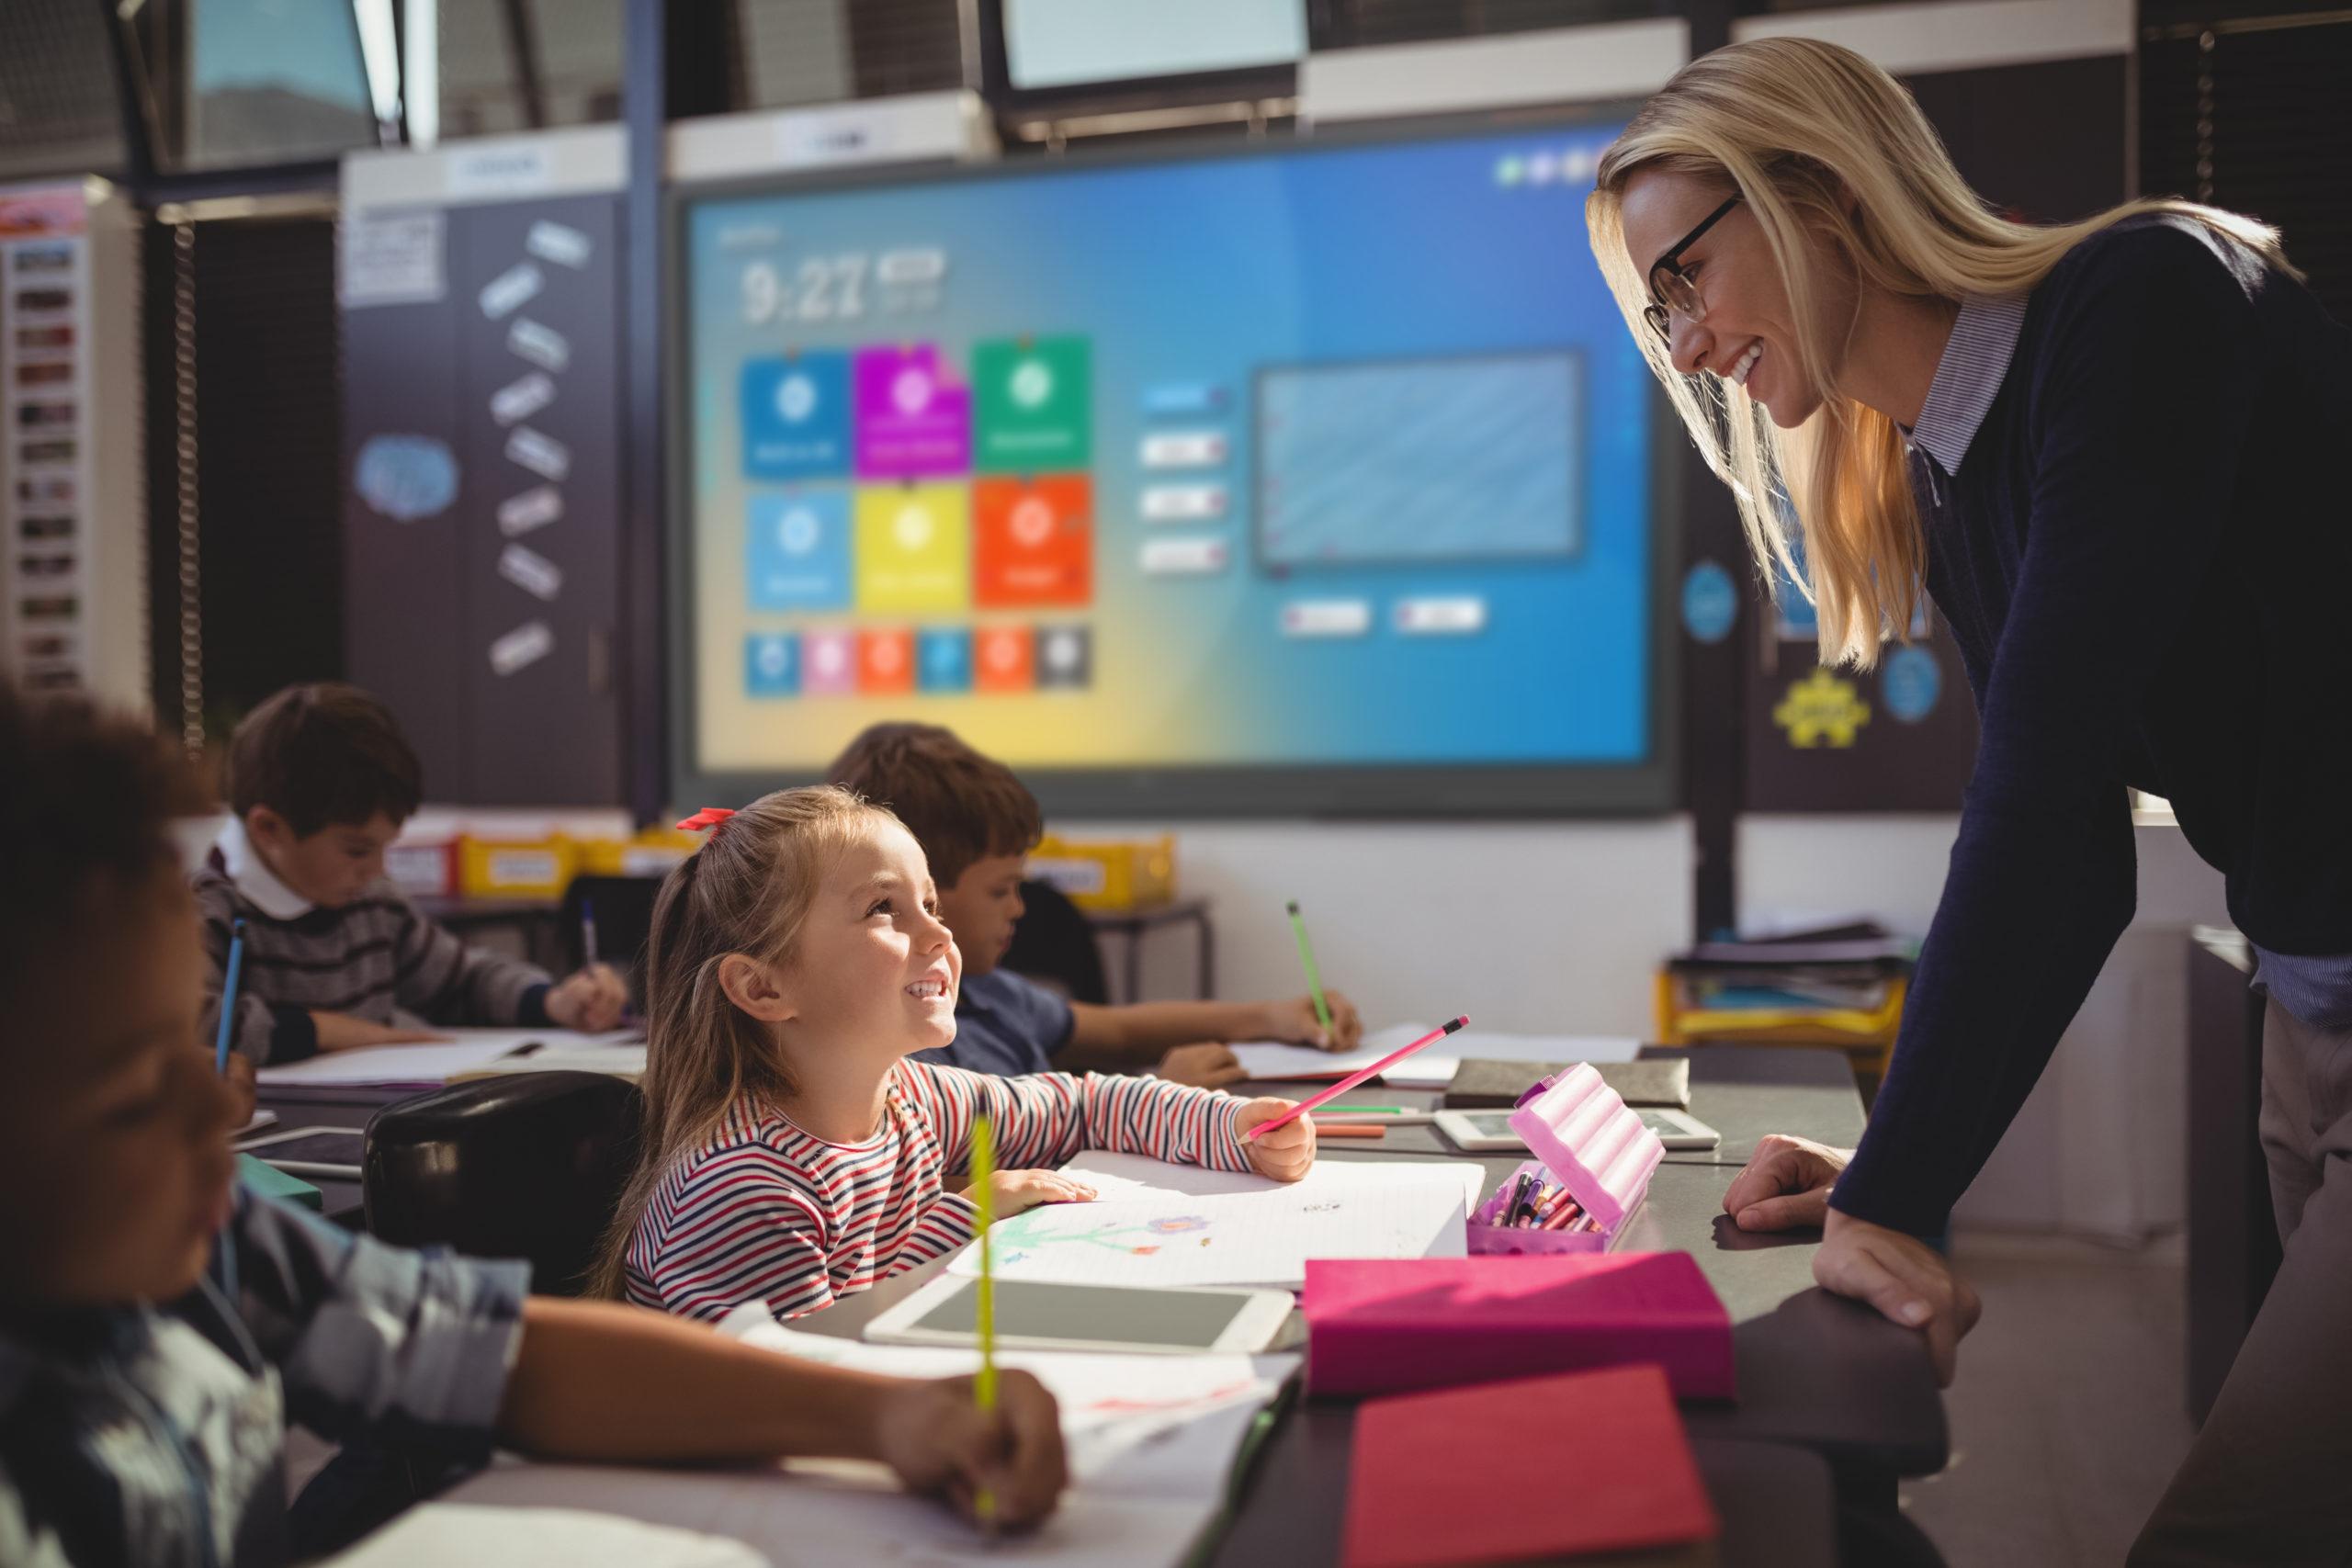 Teacher interacting with schoolgirl in classroom